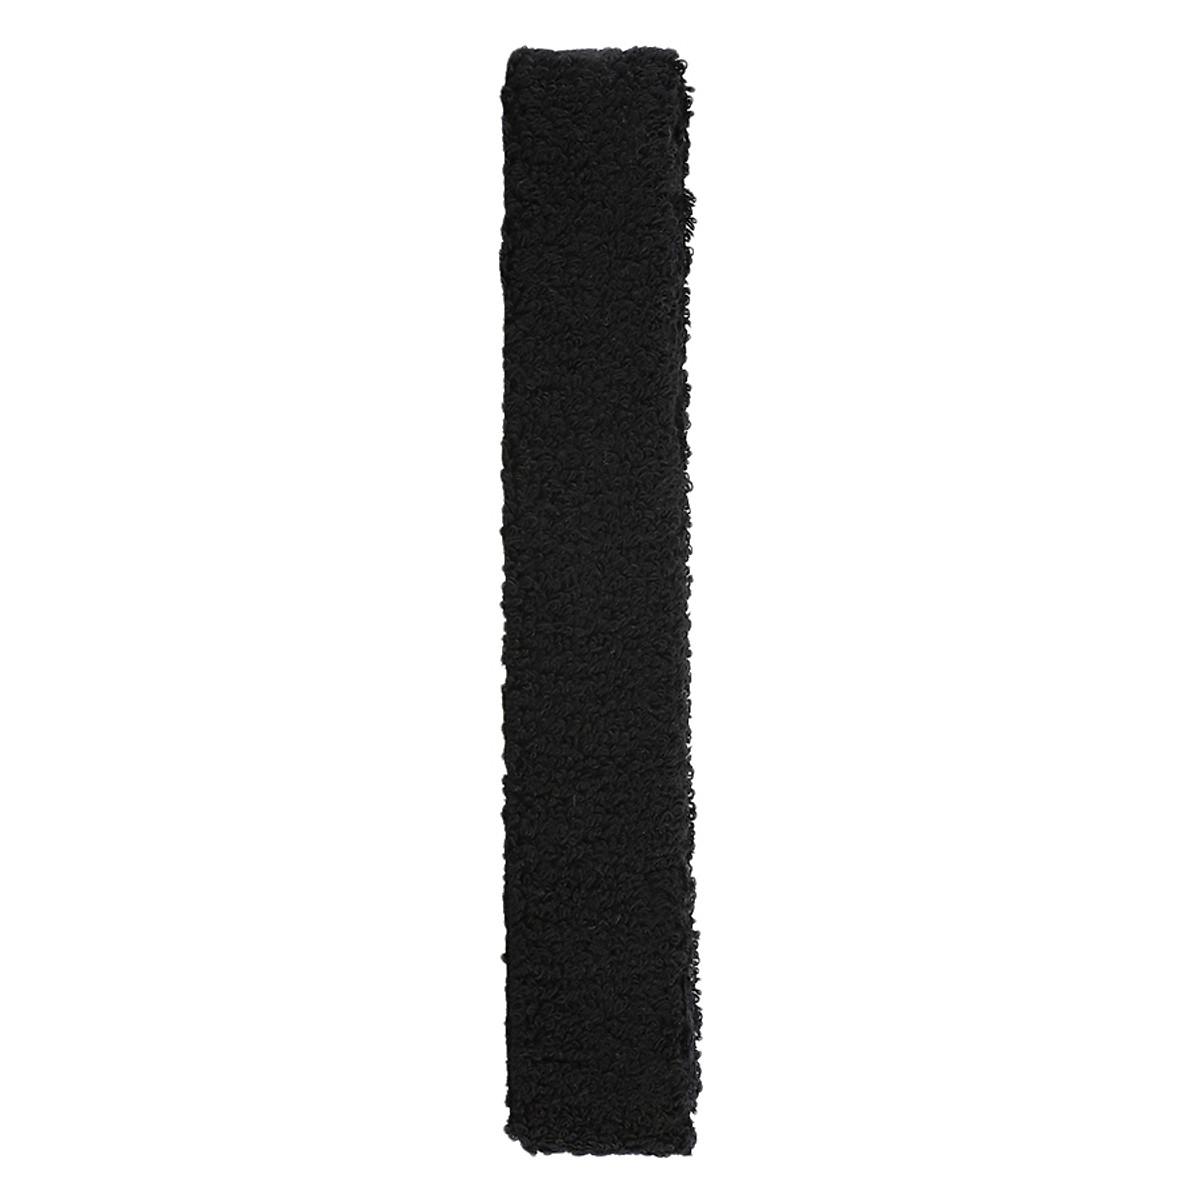 Cuộn Vải Quấn Cán Cầu Lông Popo Sports (1.1m) - 1